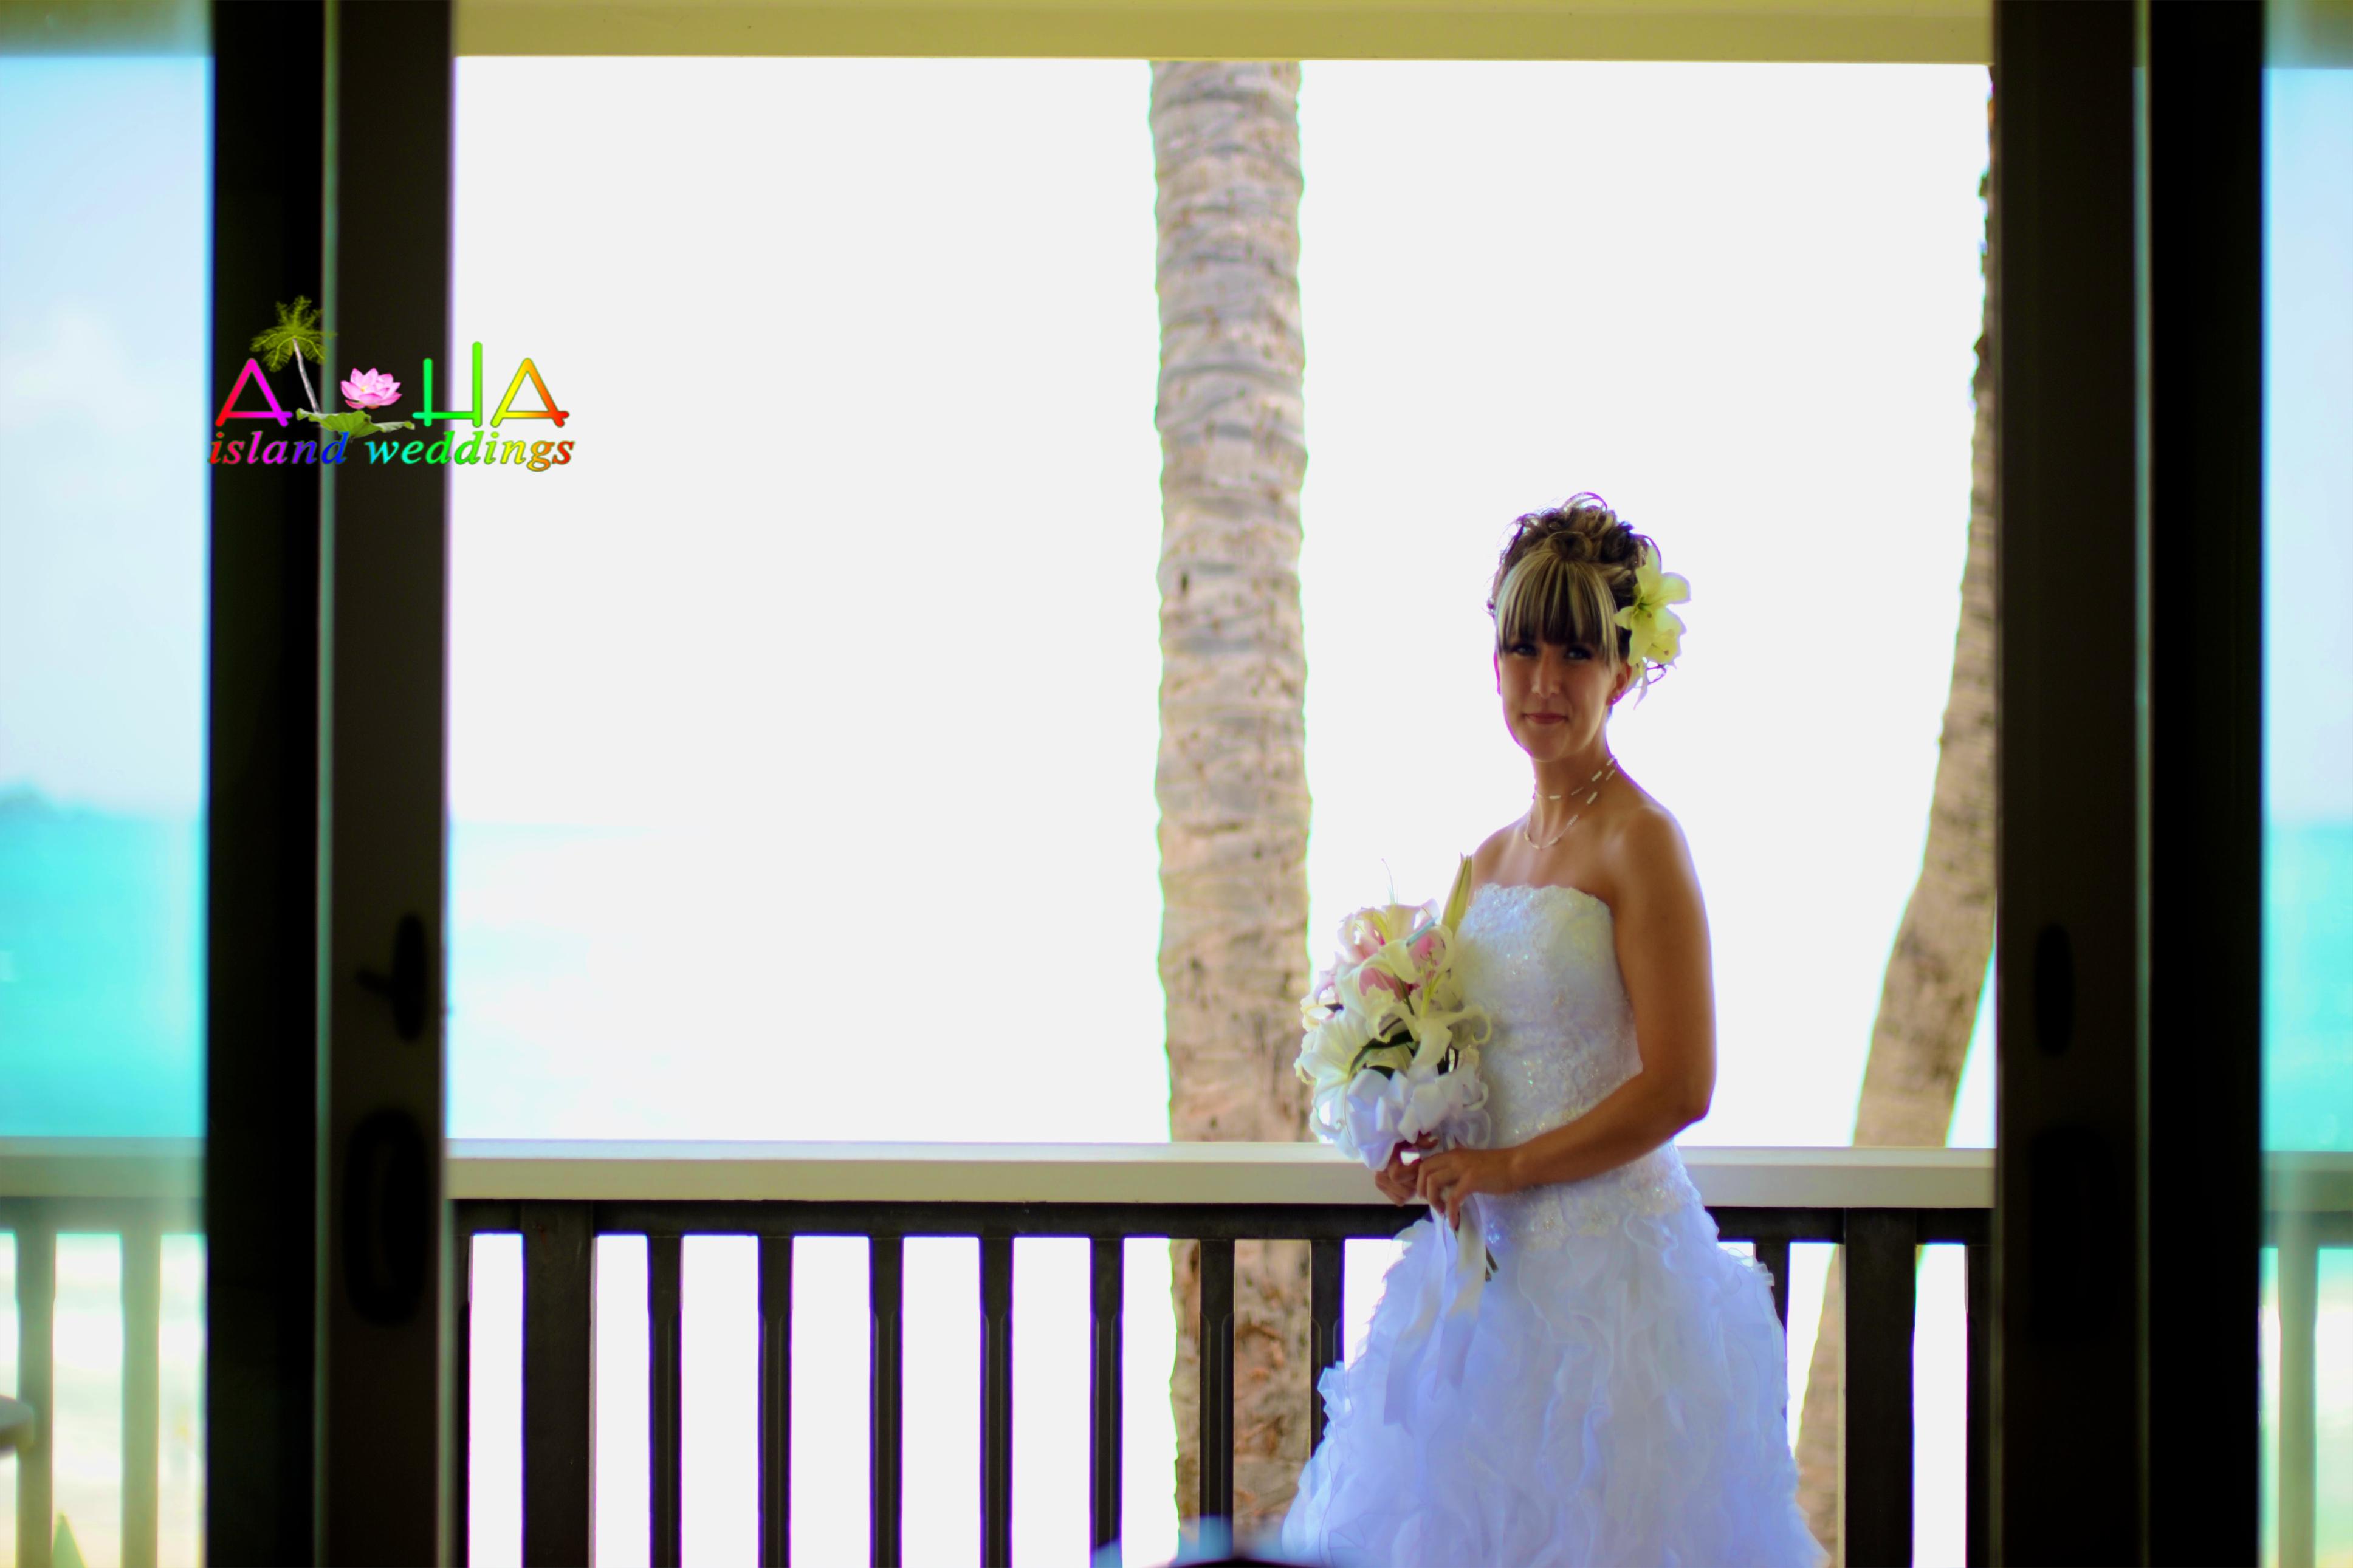 alohaislandweddings- Hawaiian Weddings-11